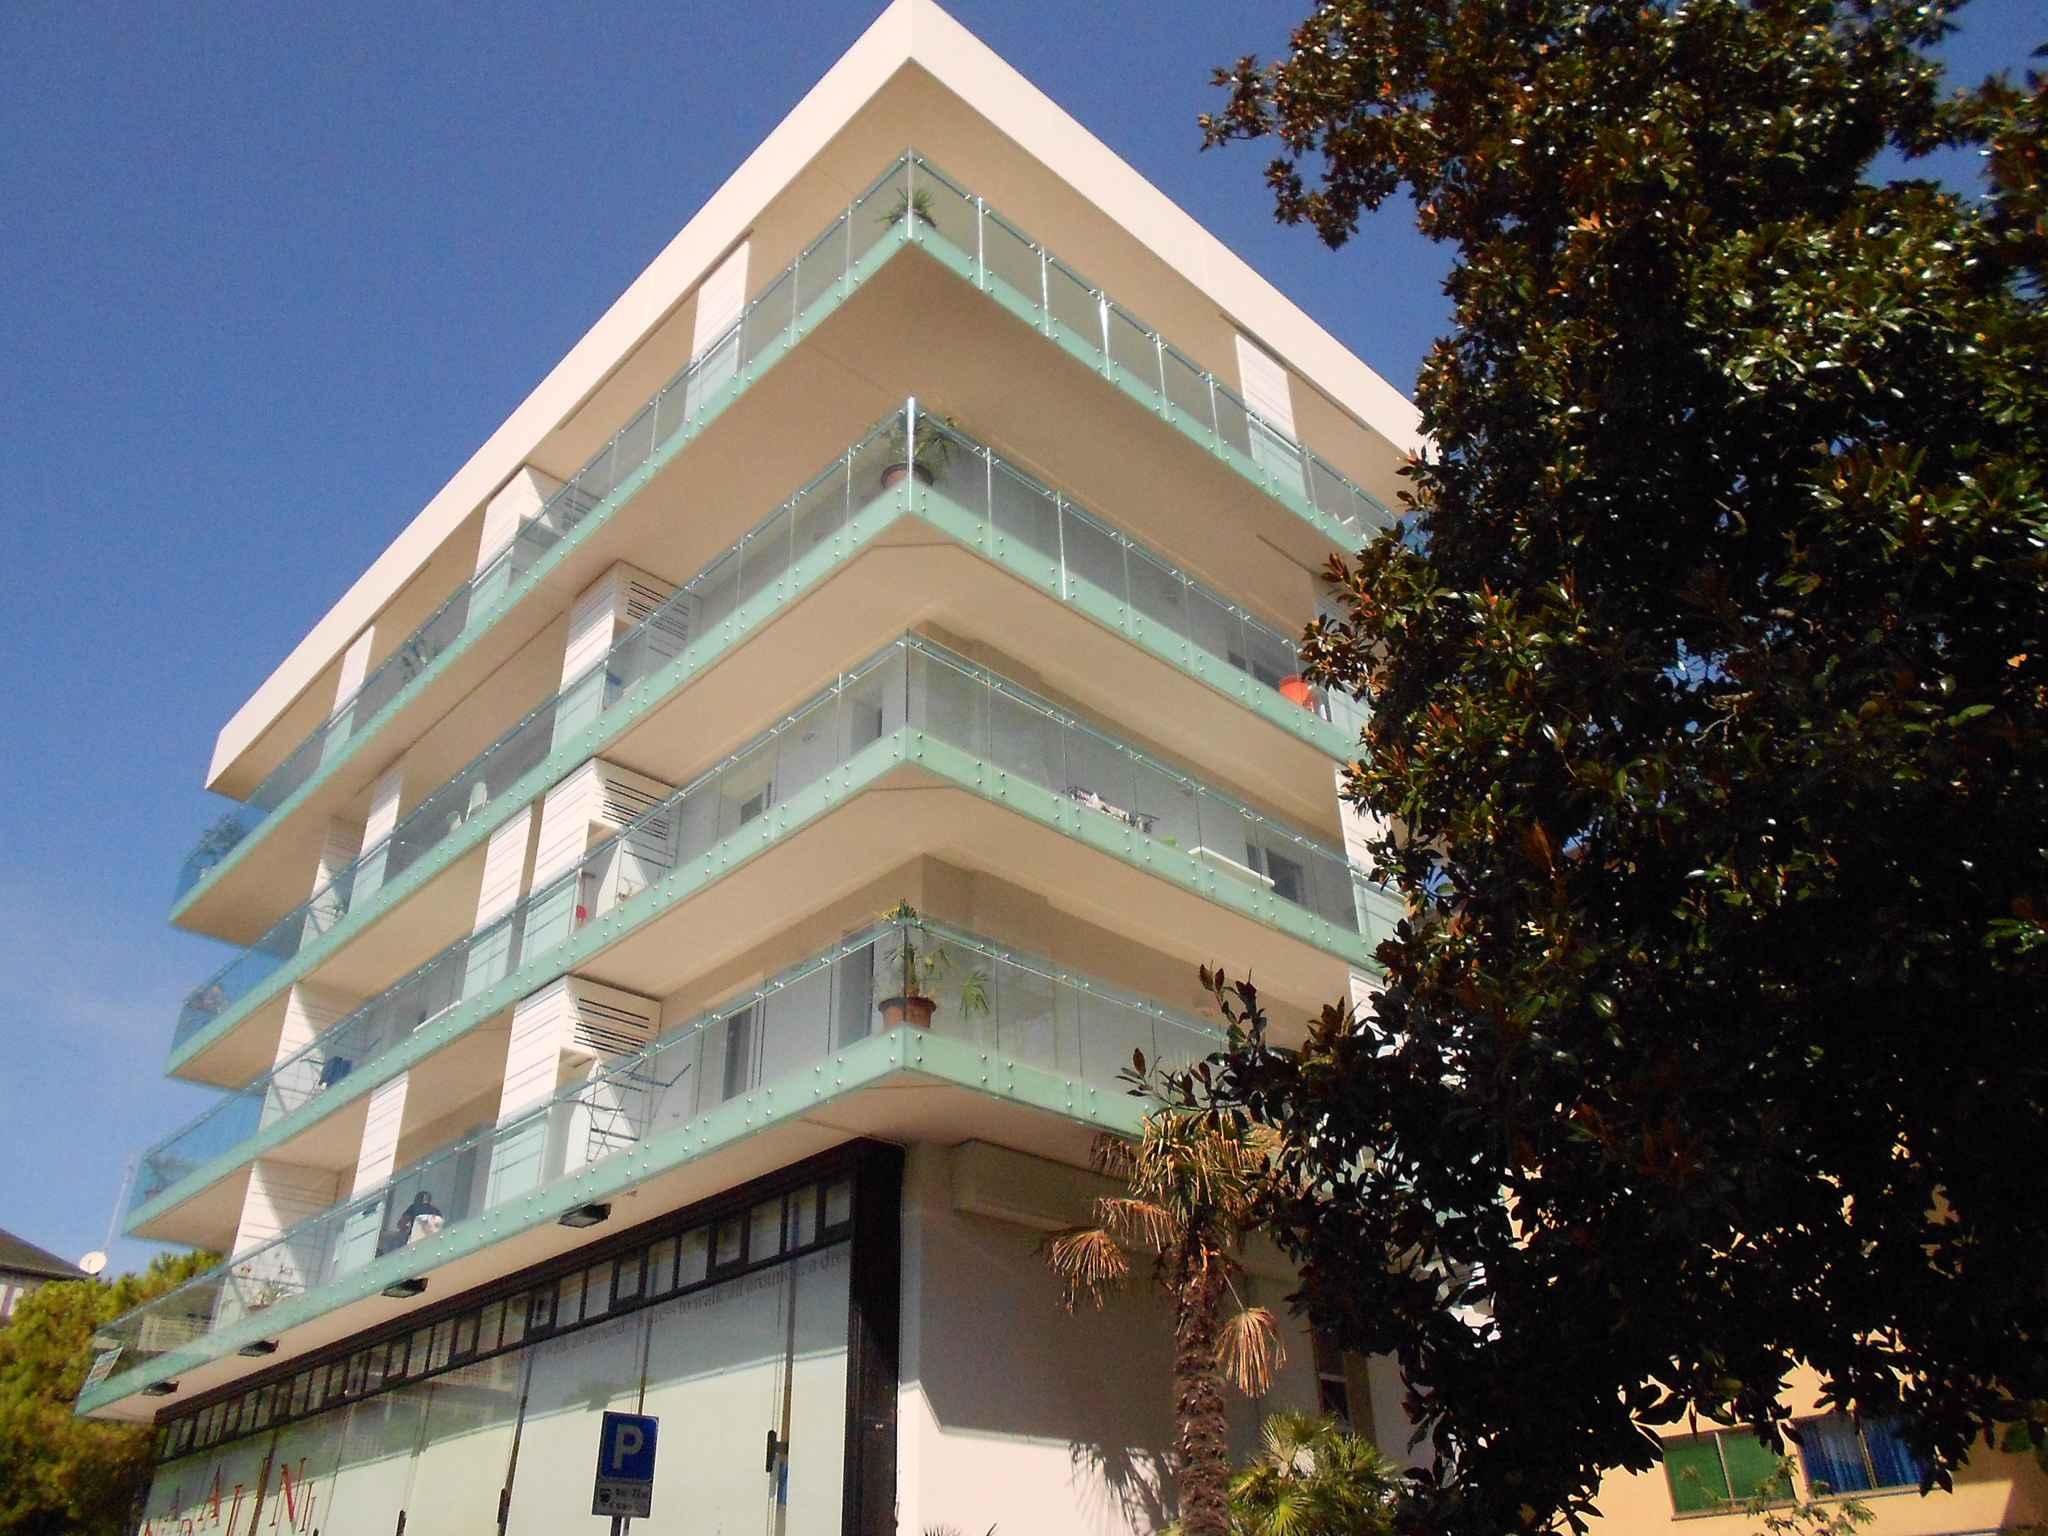 Ferienwohnung mit Klimaanlage (279375), Lignano Sabbiadoro, Adriaküste (Friaul-Julisch Venetien), Friaul-Julisch Venetien, Italien, Bild 2